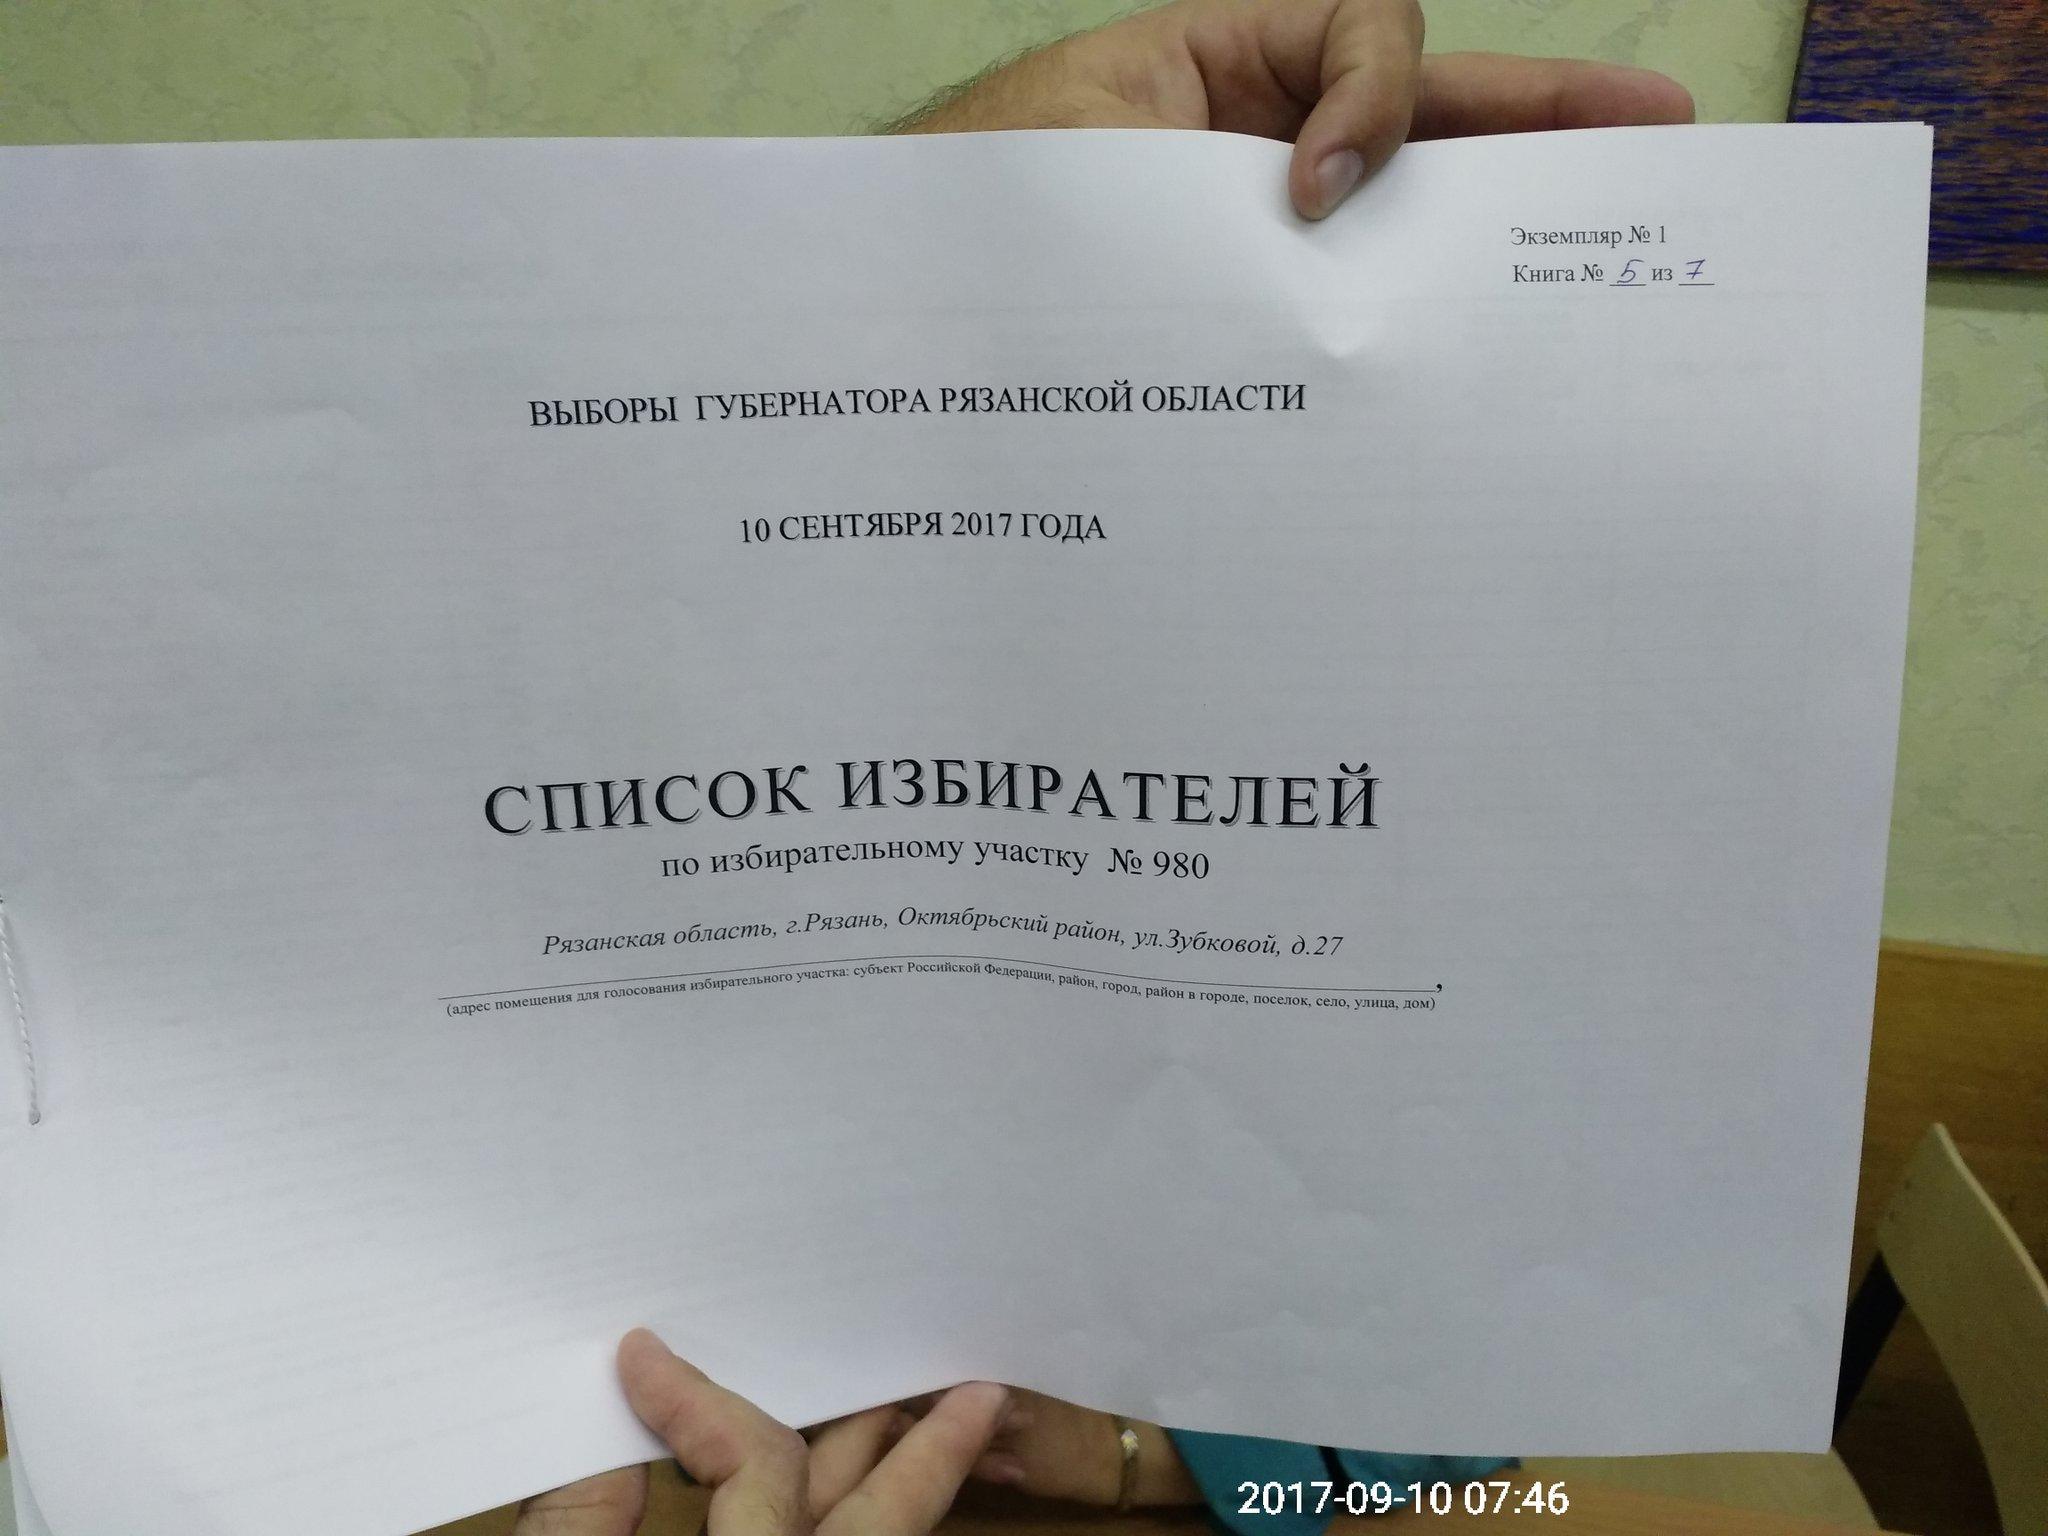 Сотрудник уволился во время административного когда выплатить деньги